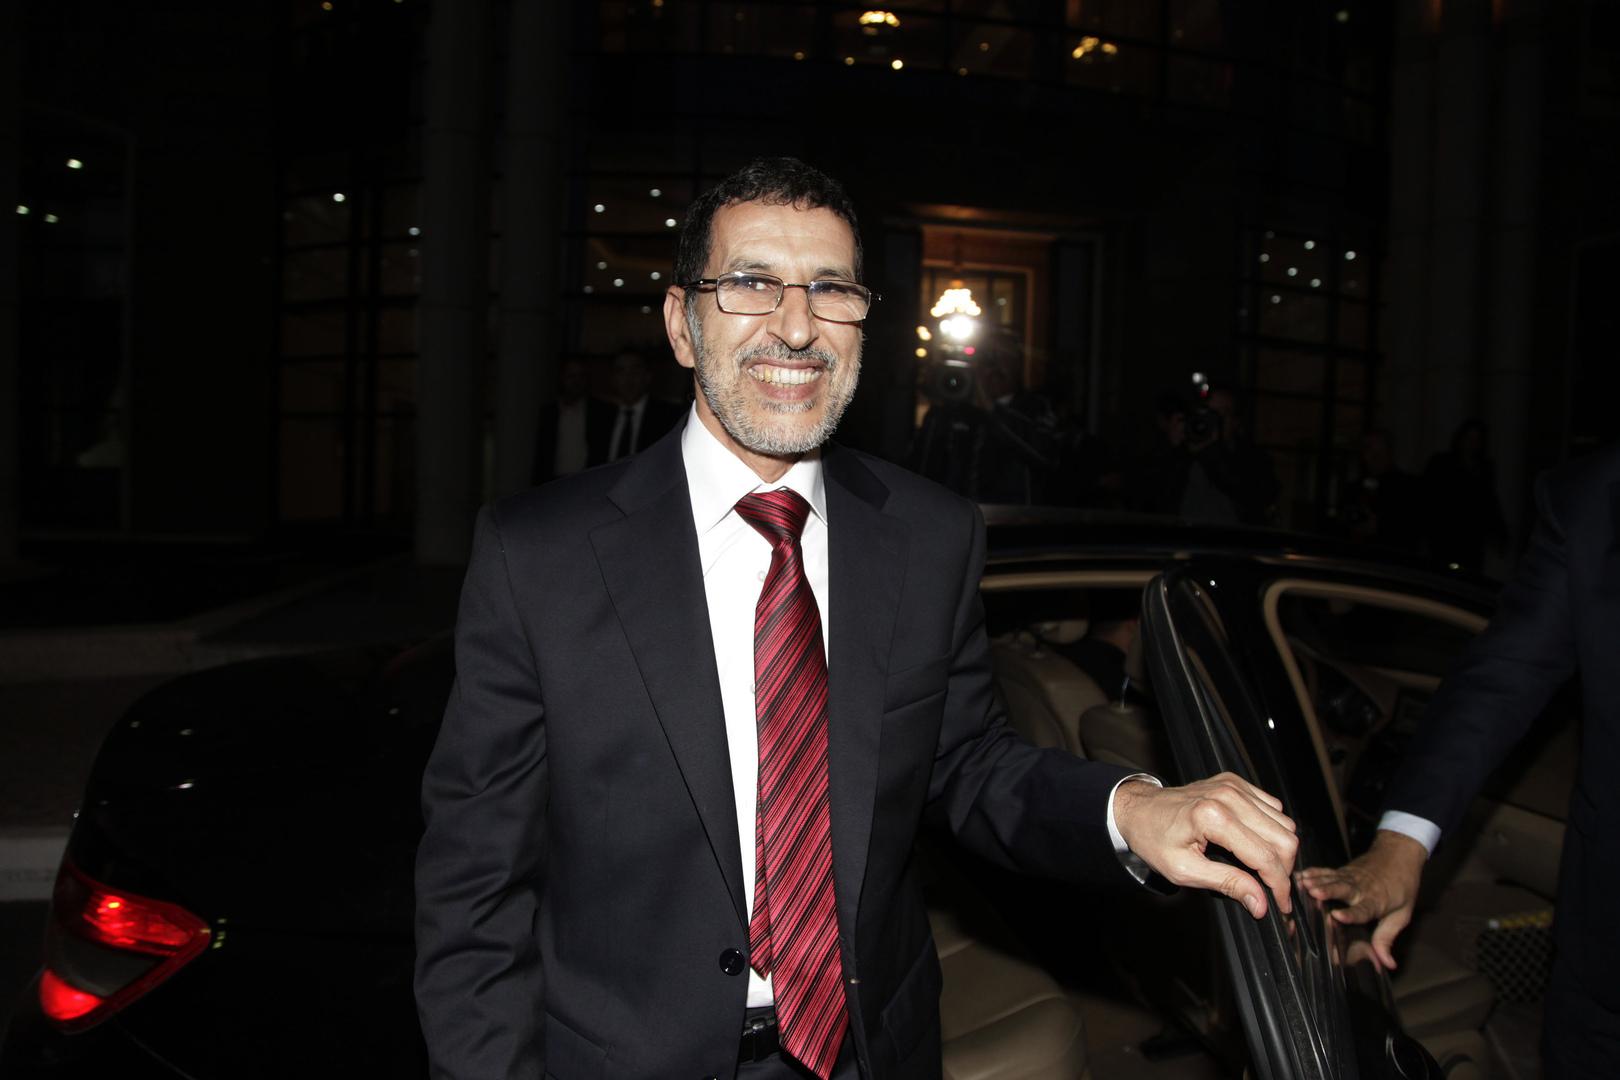 رئيس الوزراء المغربي: عودة العلاقات مع الجزائر أمر محتوم وضروري